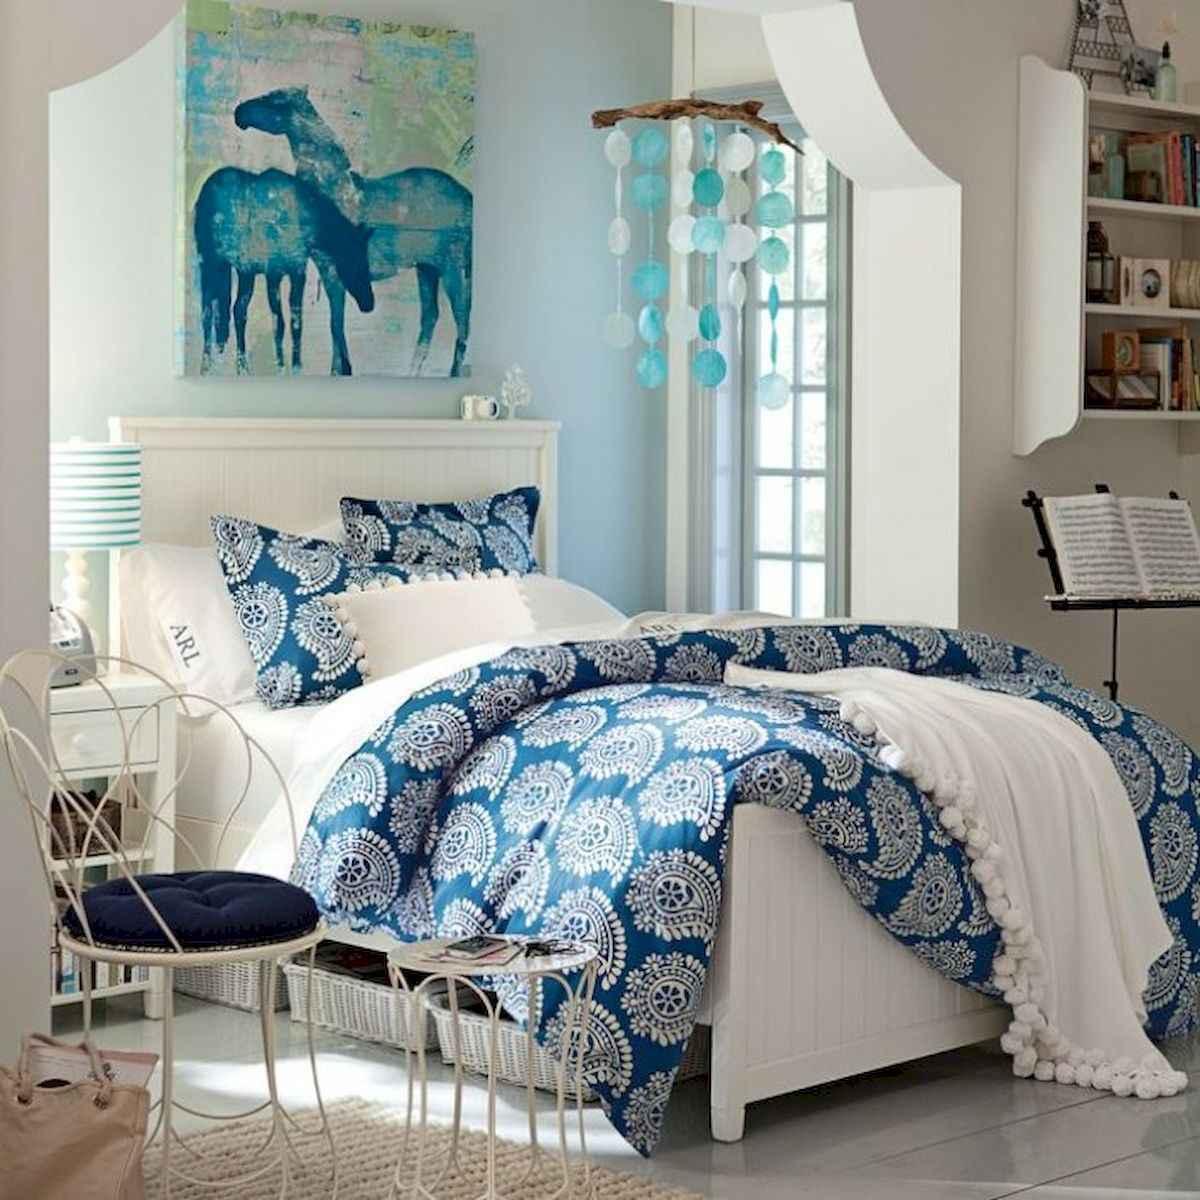 30 easy but stunning diy summer ideas room decor (9)